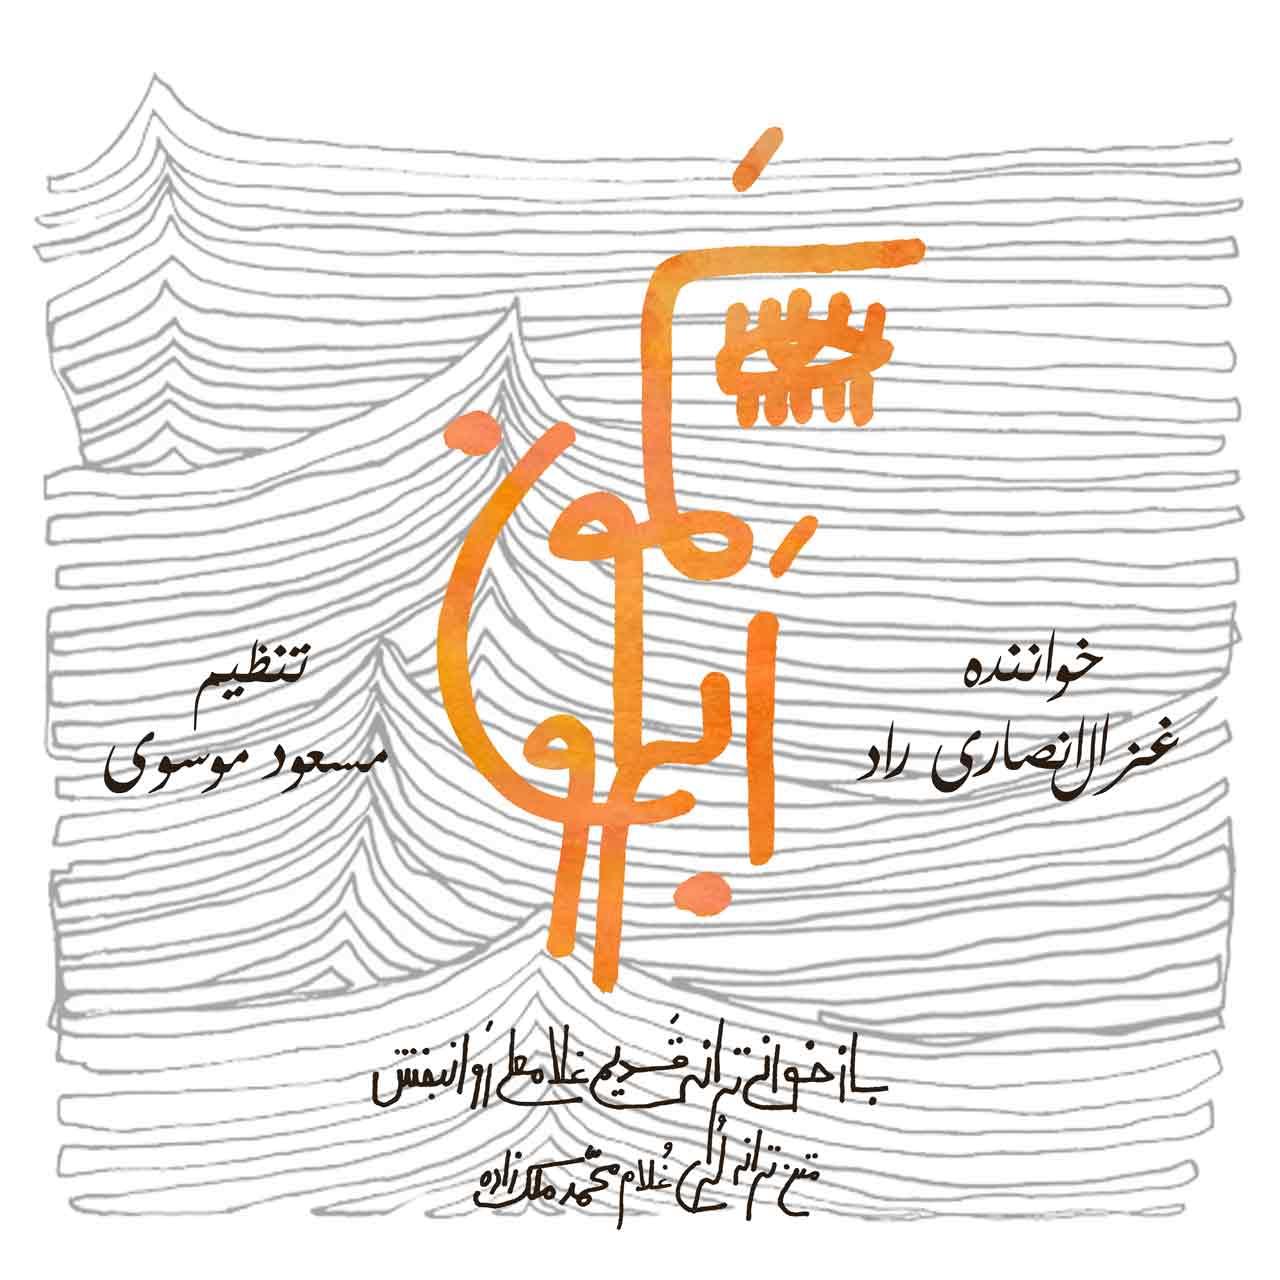 دانلود آهنگ لری کمون ابرو از غزال انصاری راد